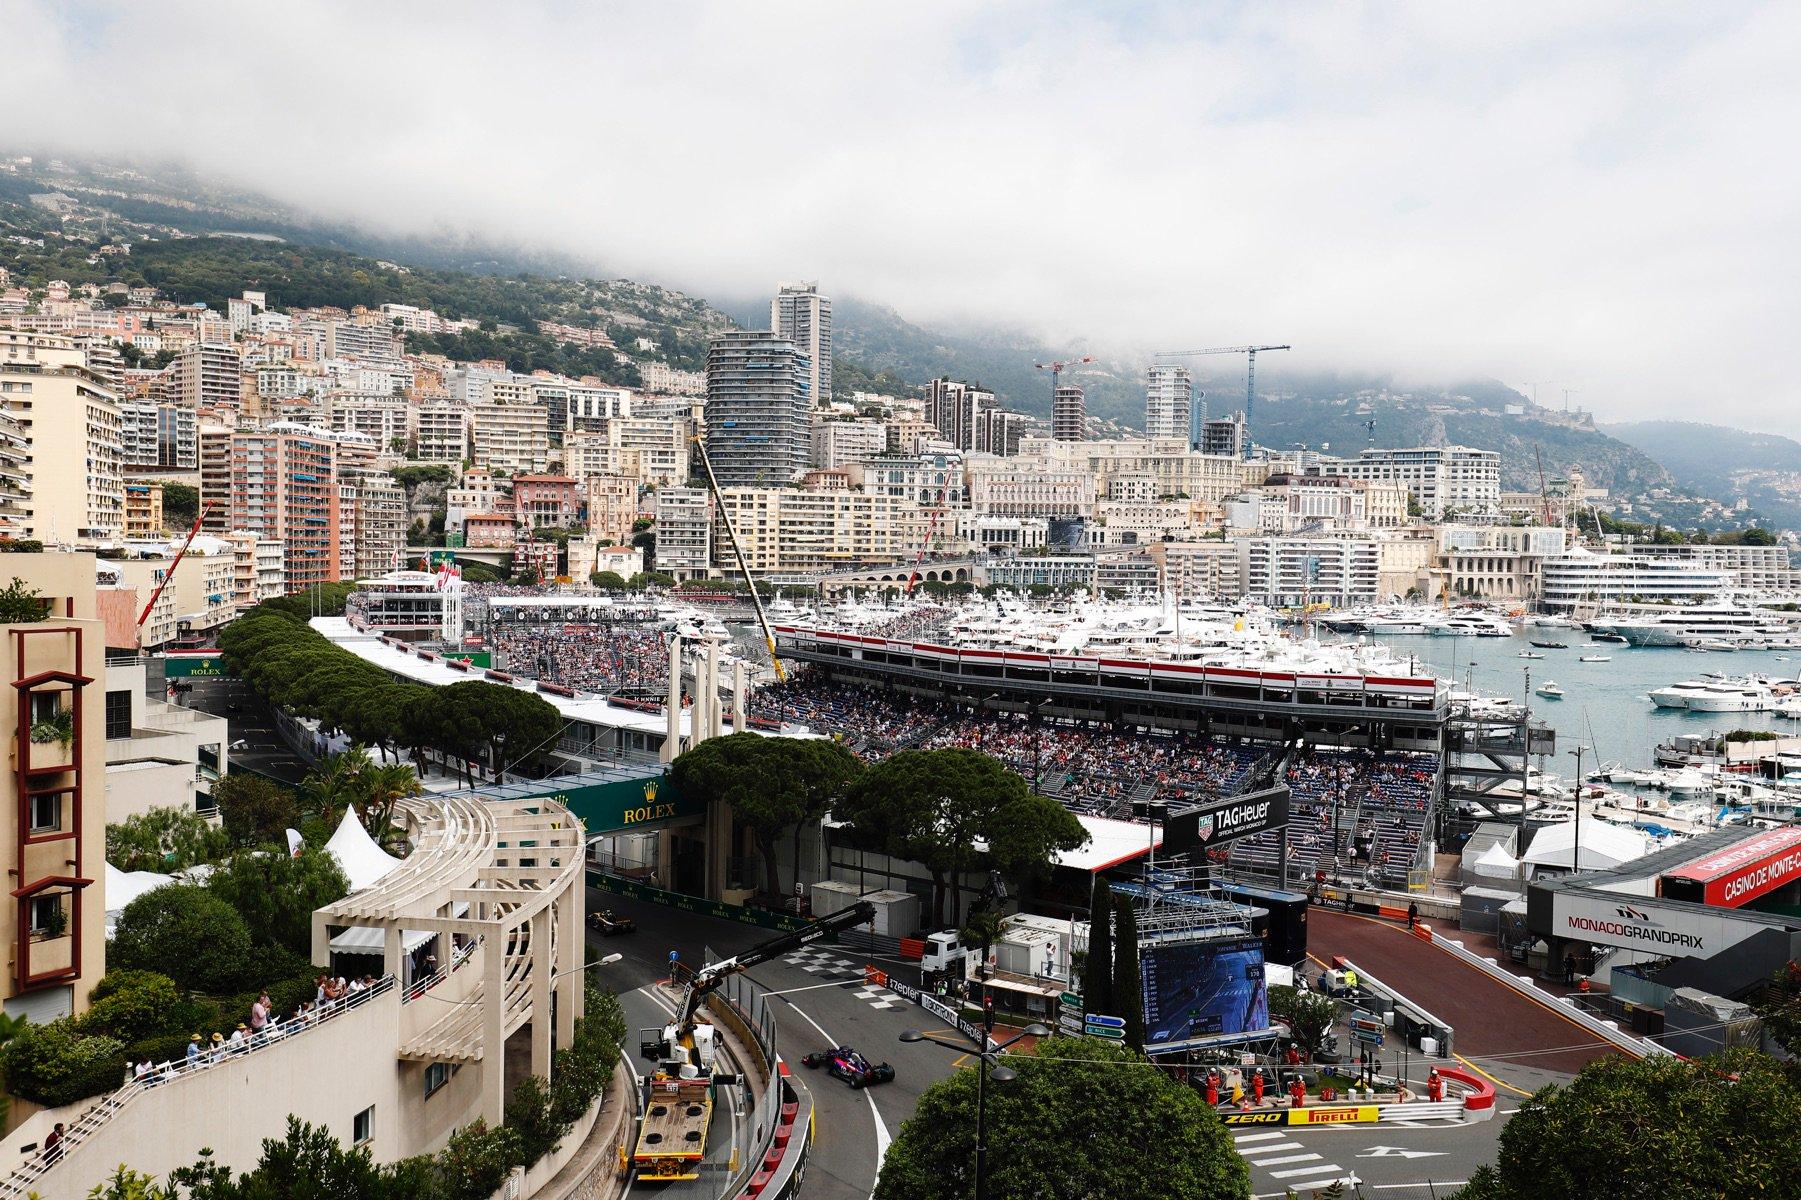 Виды Монте-Карло - арены шестого этапа чемпионата мира по Ф1 2019 года